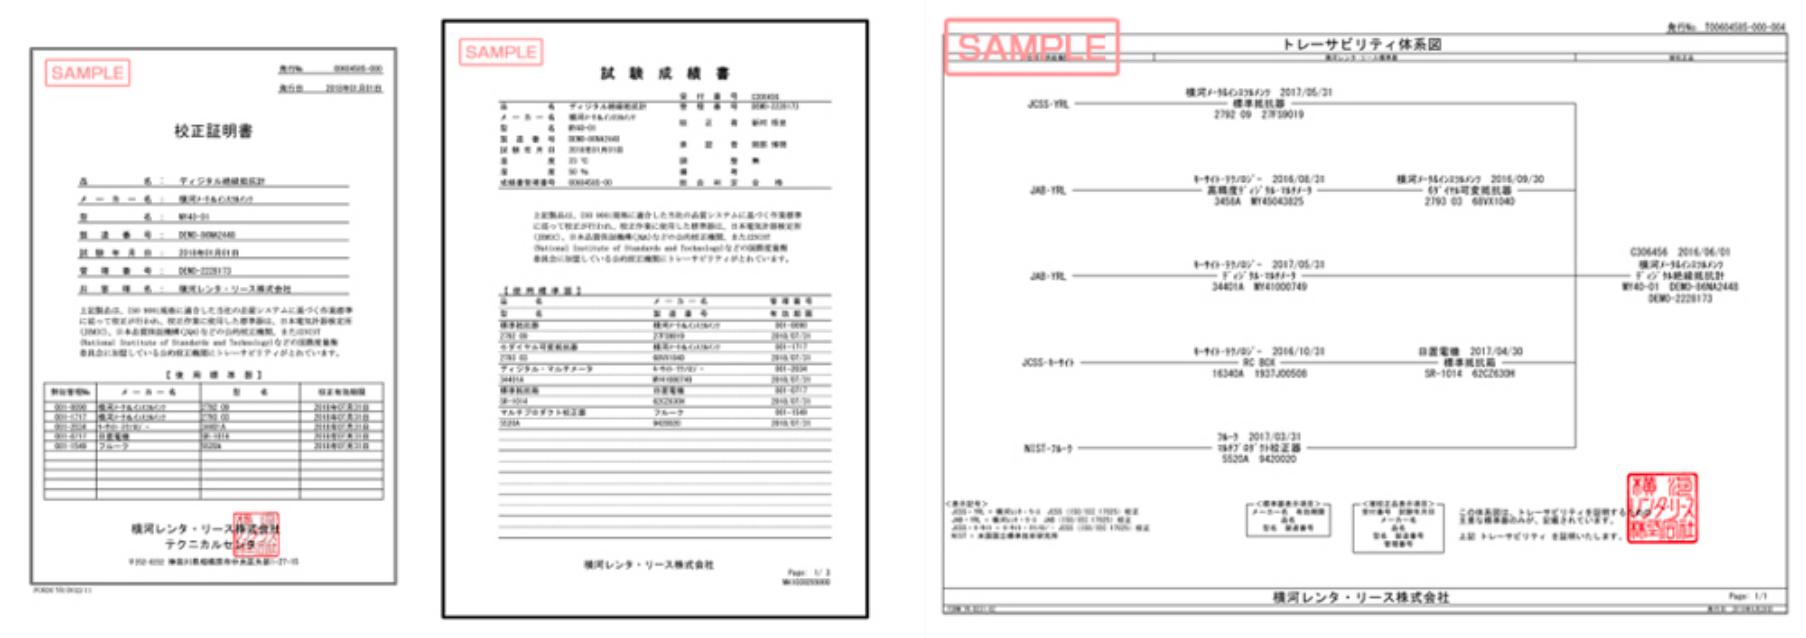 校正証明書 試験成績書 トレーサビリティ体系図